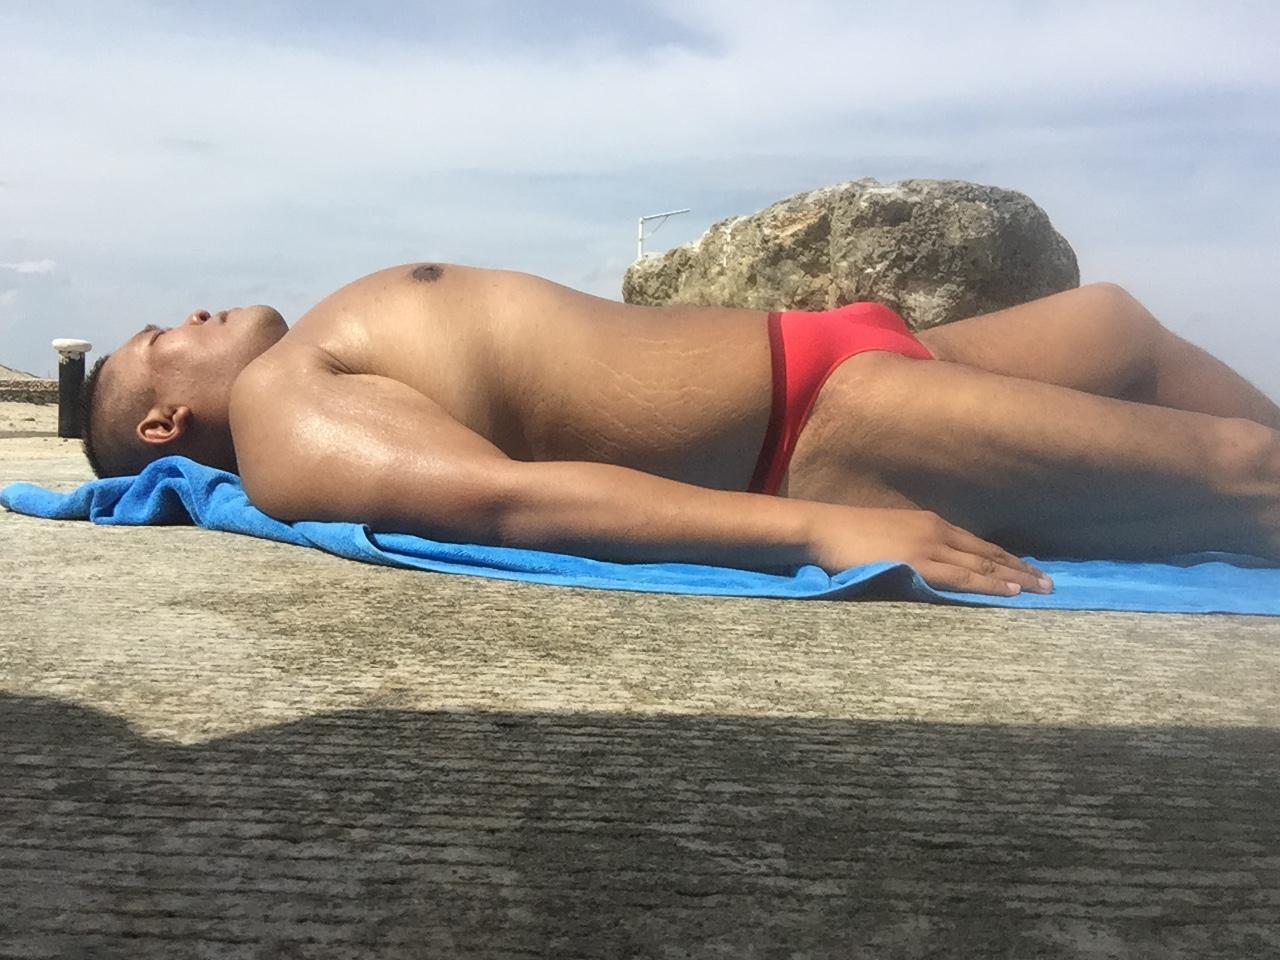 Bikini sun bather (172/218)